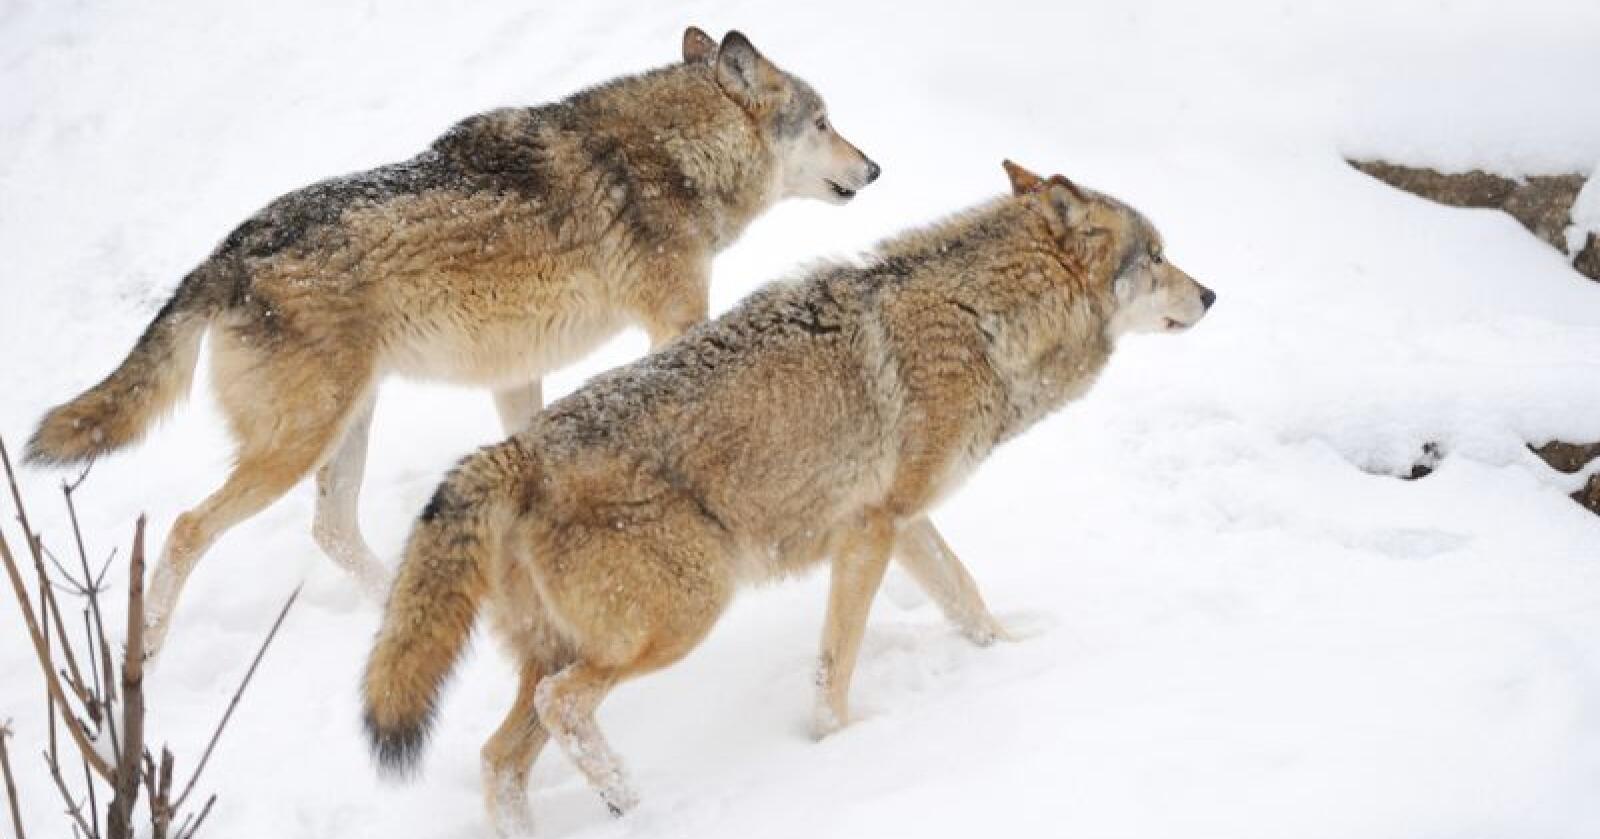 Statens naturoppsyn bekrefter at det er ulv i revirene til Osdals- og Julussaflokkene. Illustrasjonsbilde. (Foto: Colourbox/Volodymyr Burdiak)